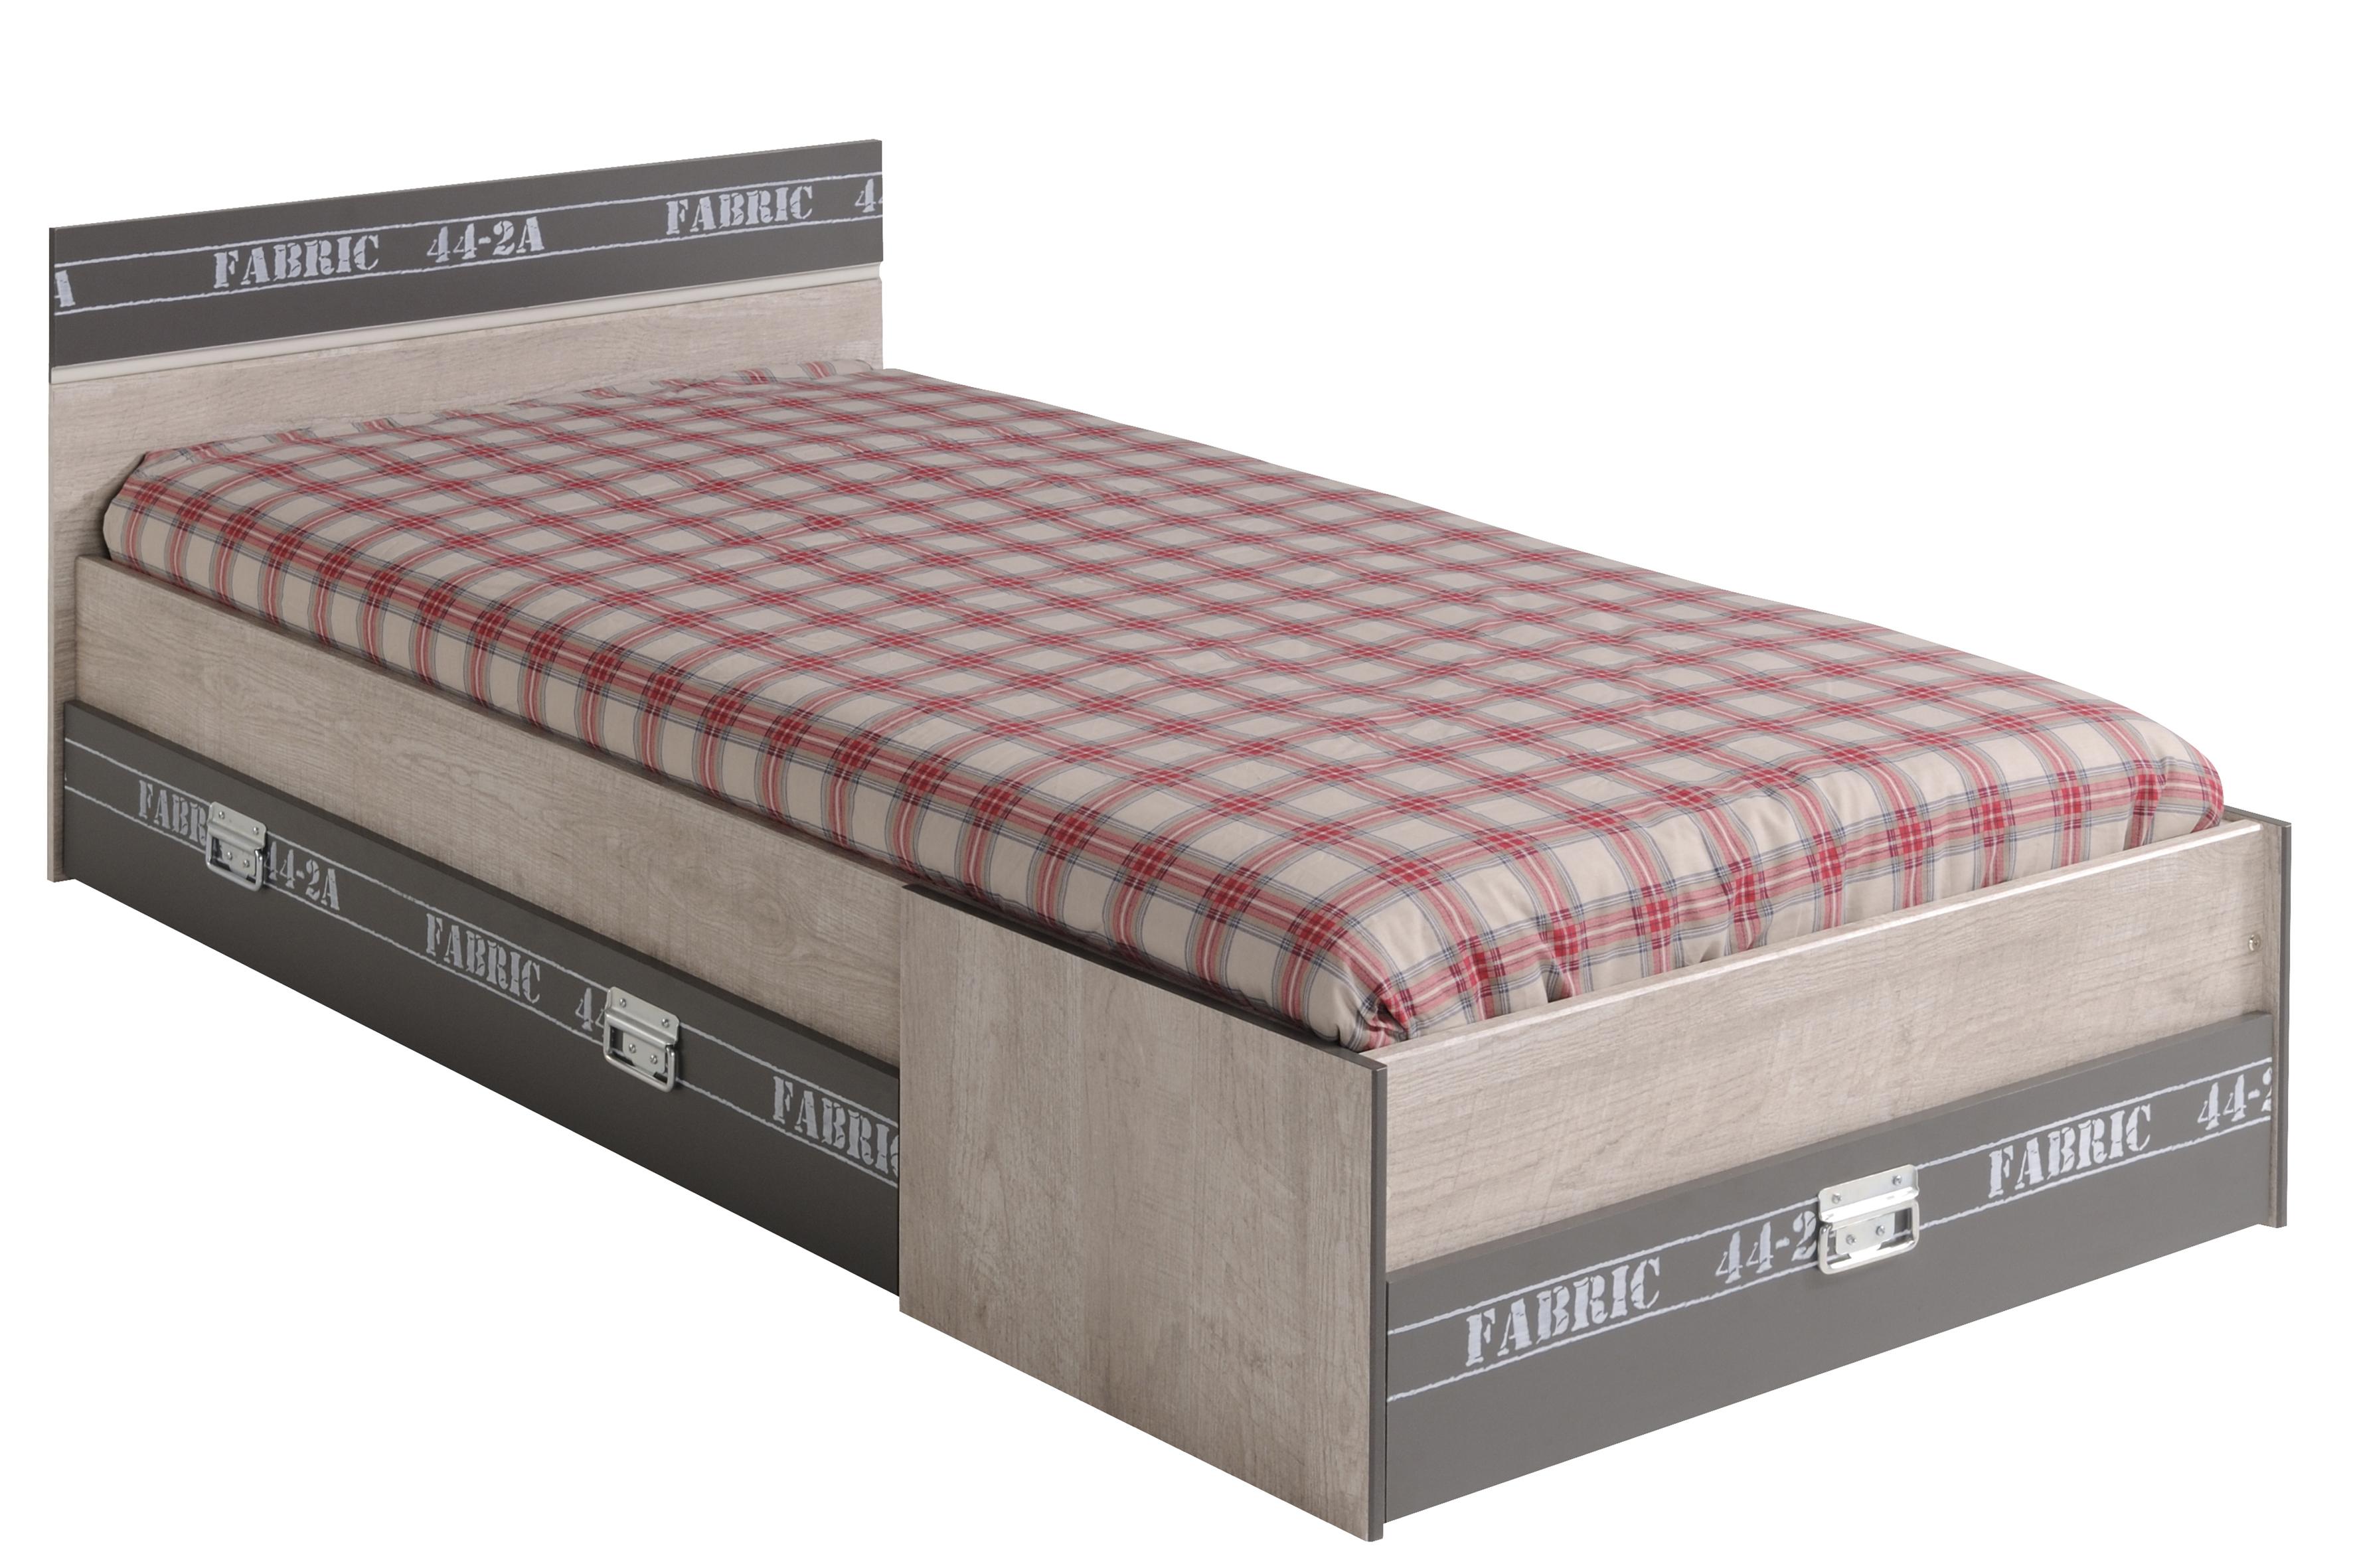 Stauraum Bett Fabric10